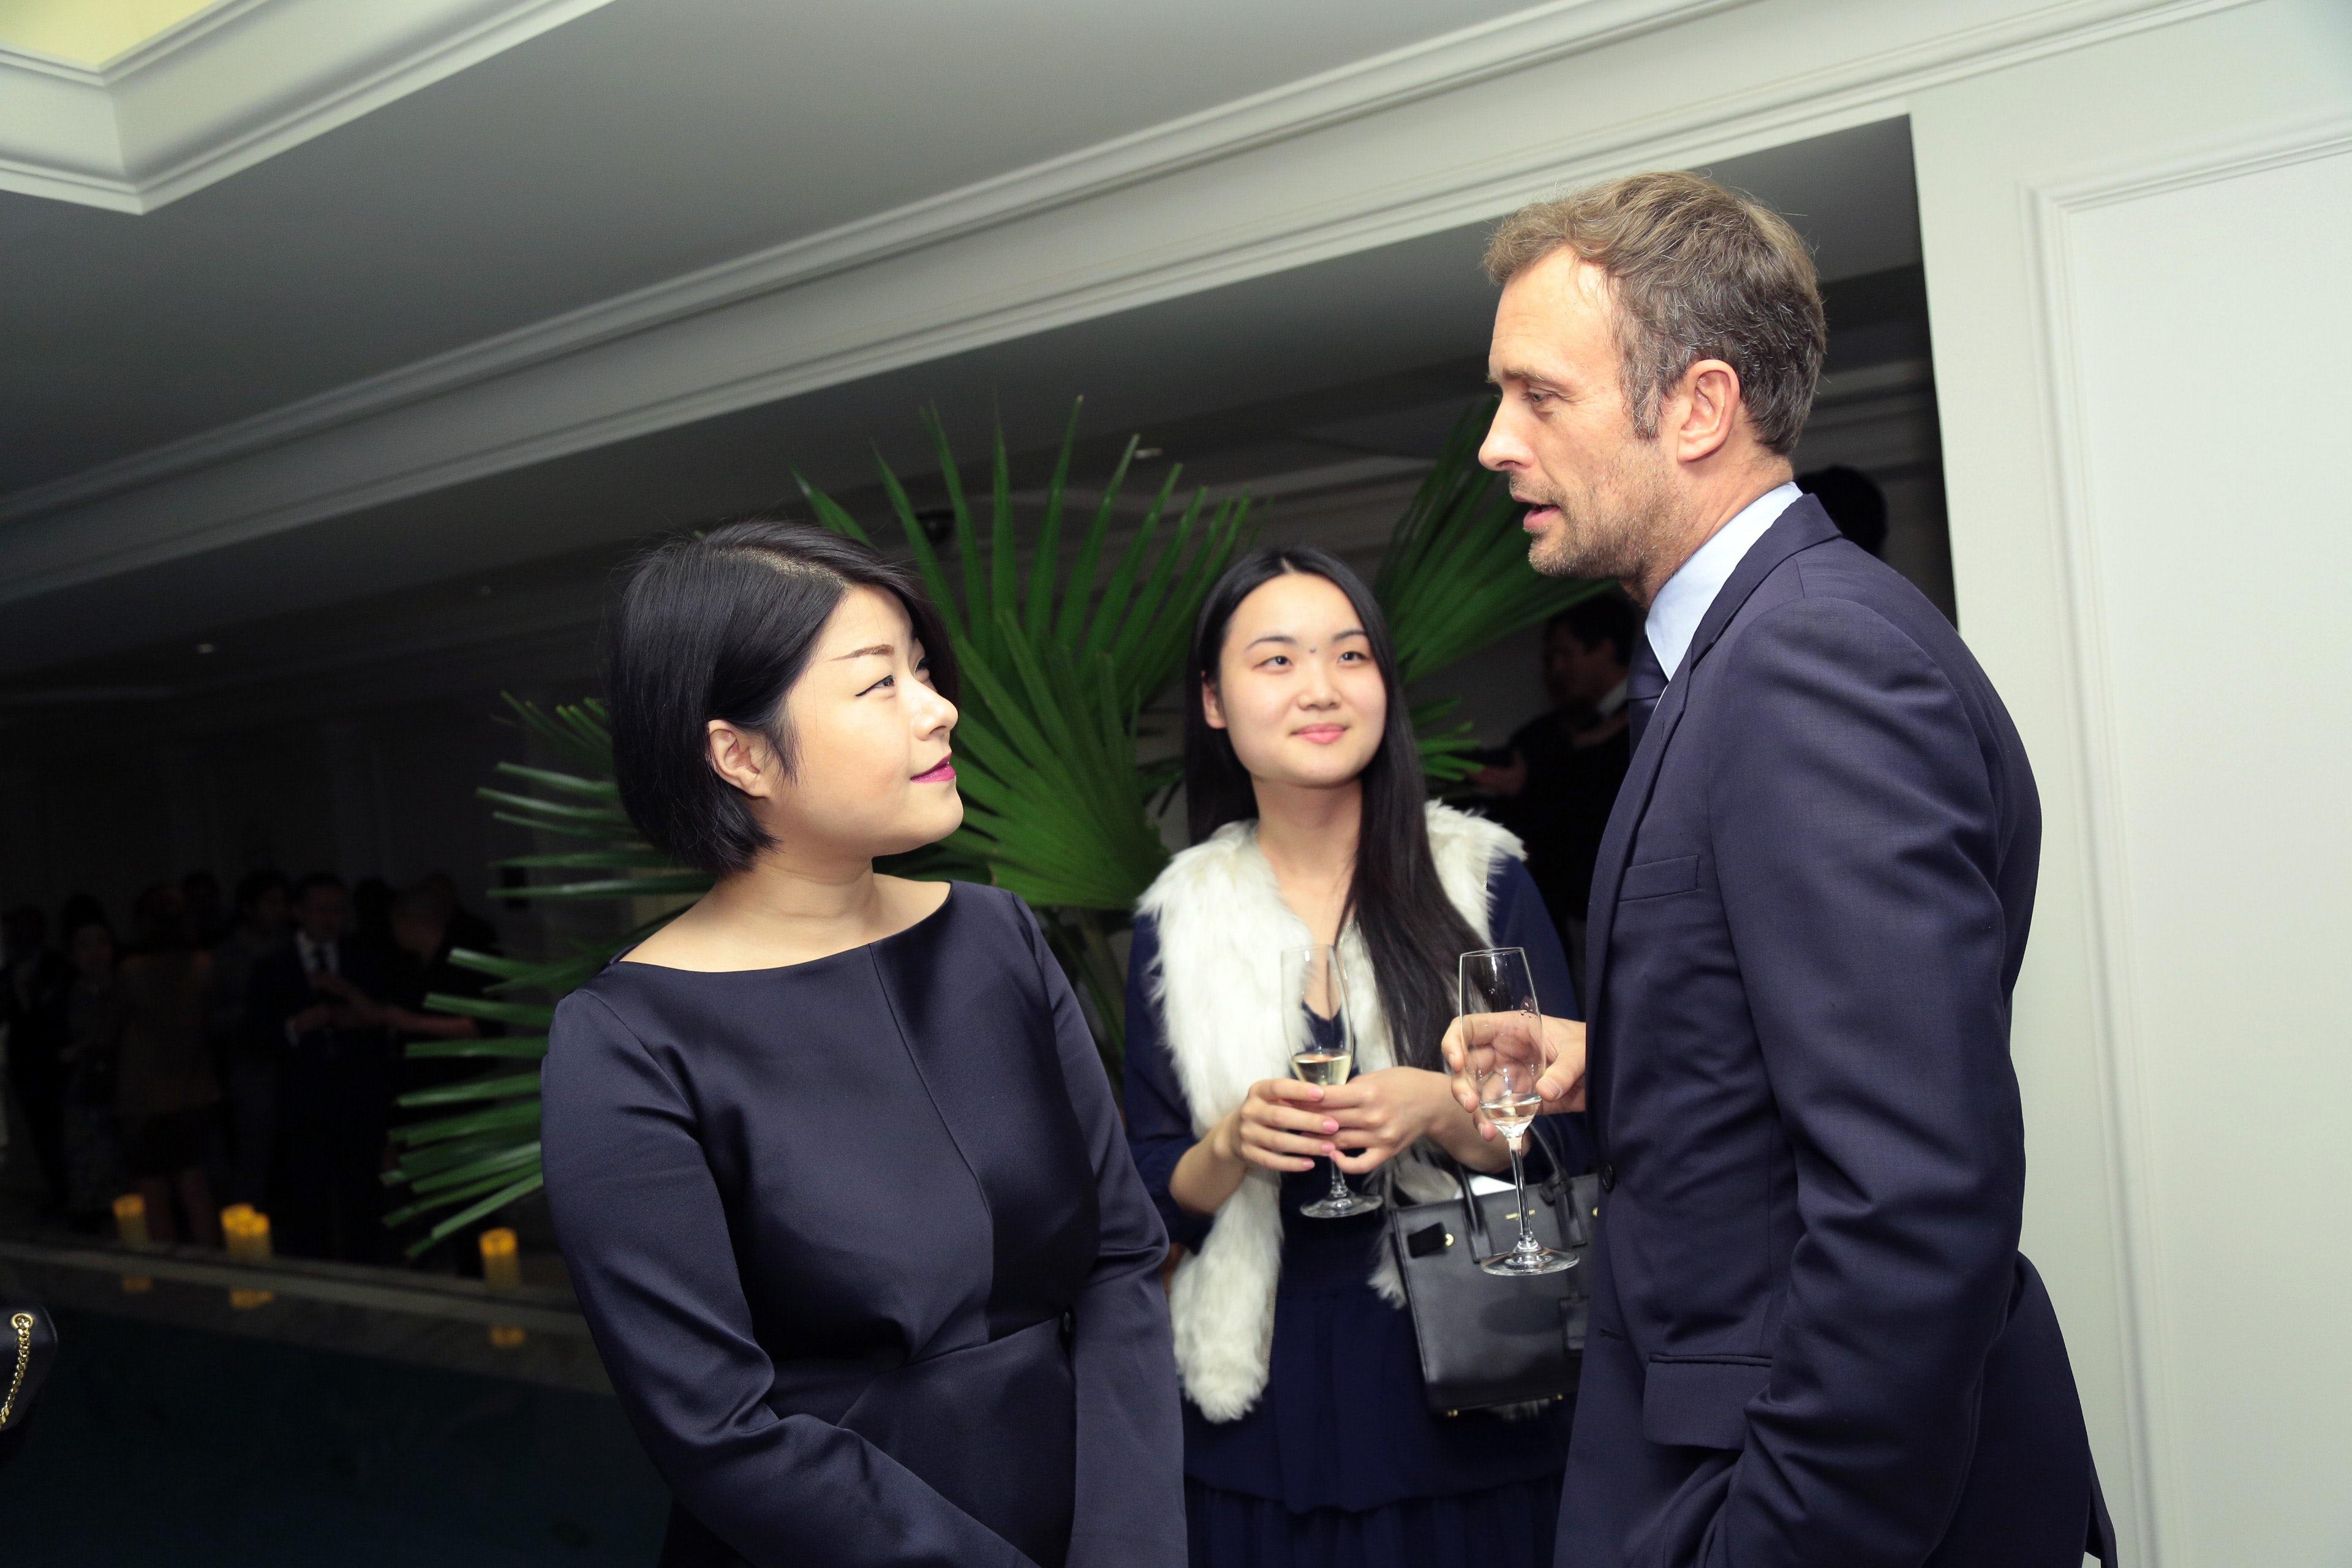 中國時裝產業慶祝BoF時裝商業評論上線 | BoF時裝商業評論